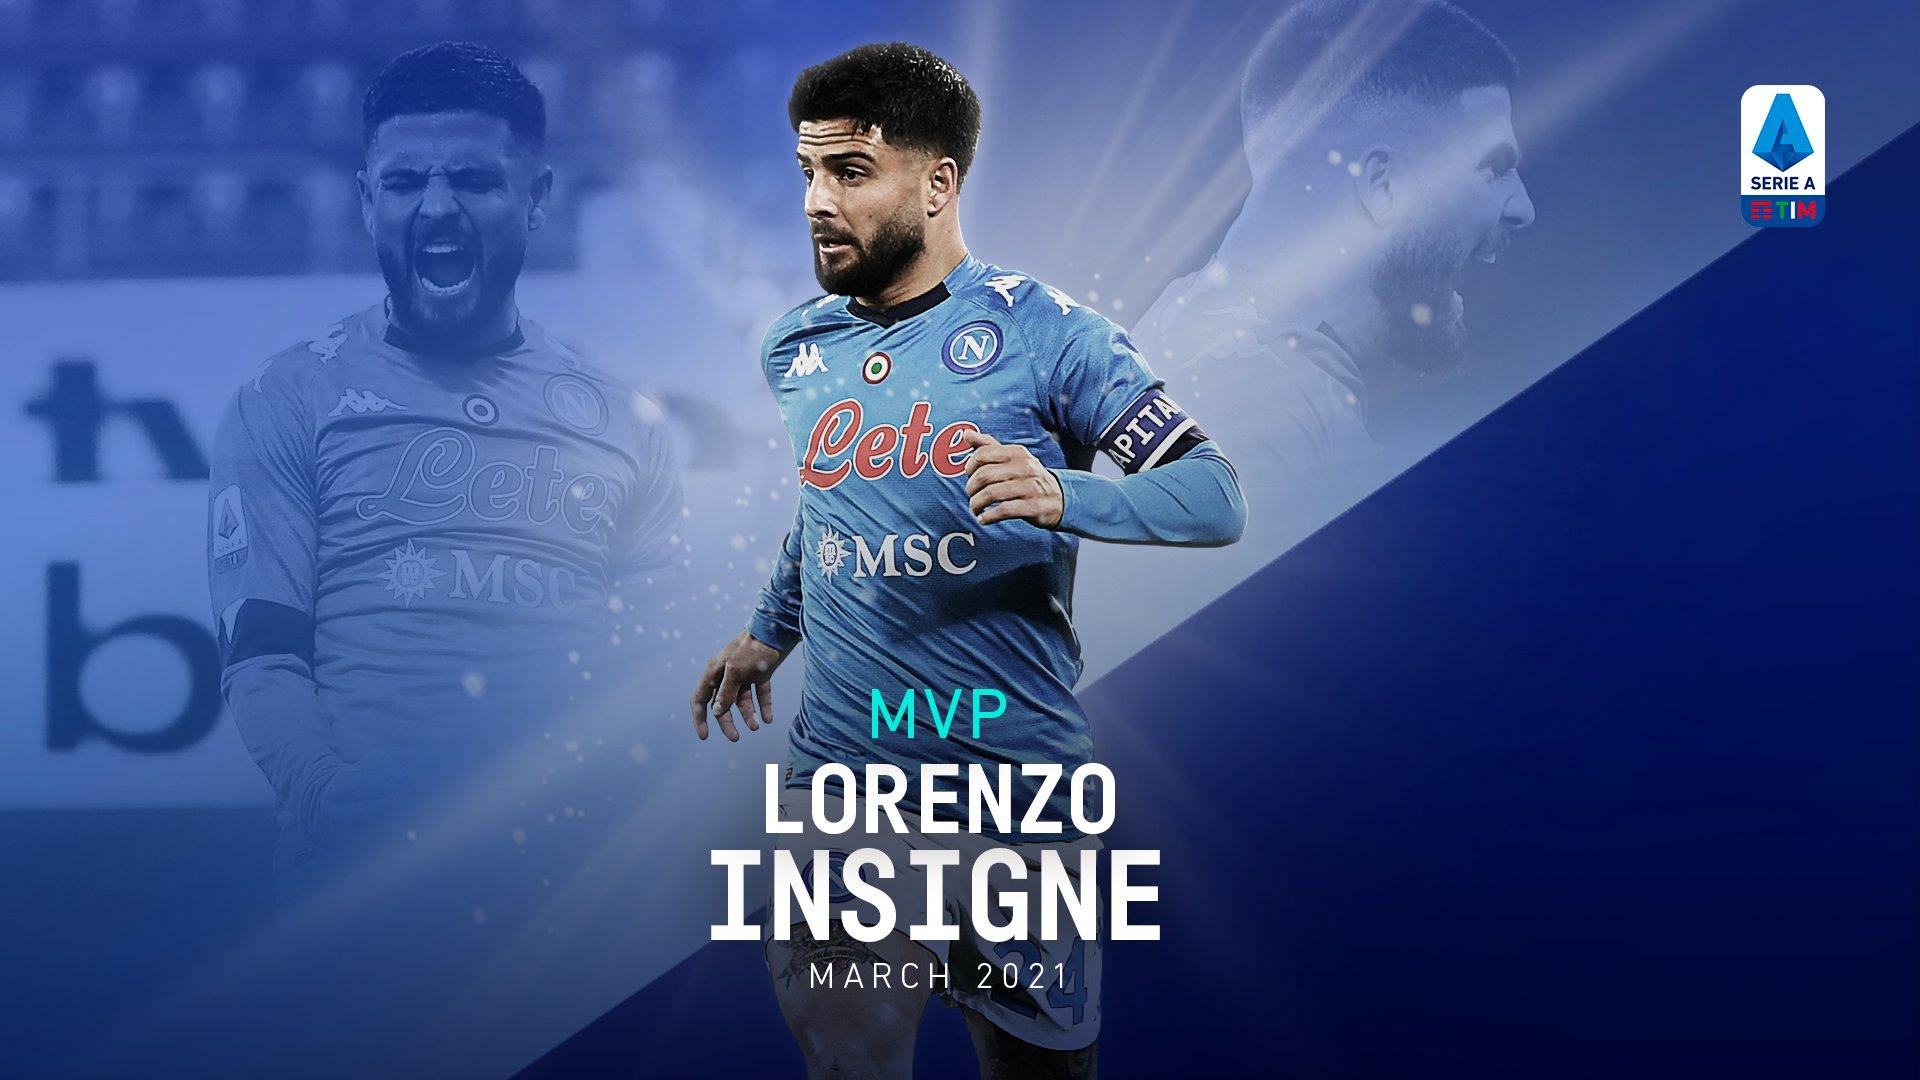 MVP Serie A, va ad Insigne il premio di miglior giocatore di marzo - NAPOLI CALCIO